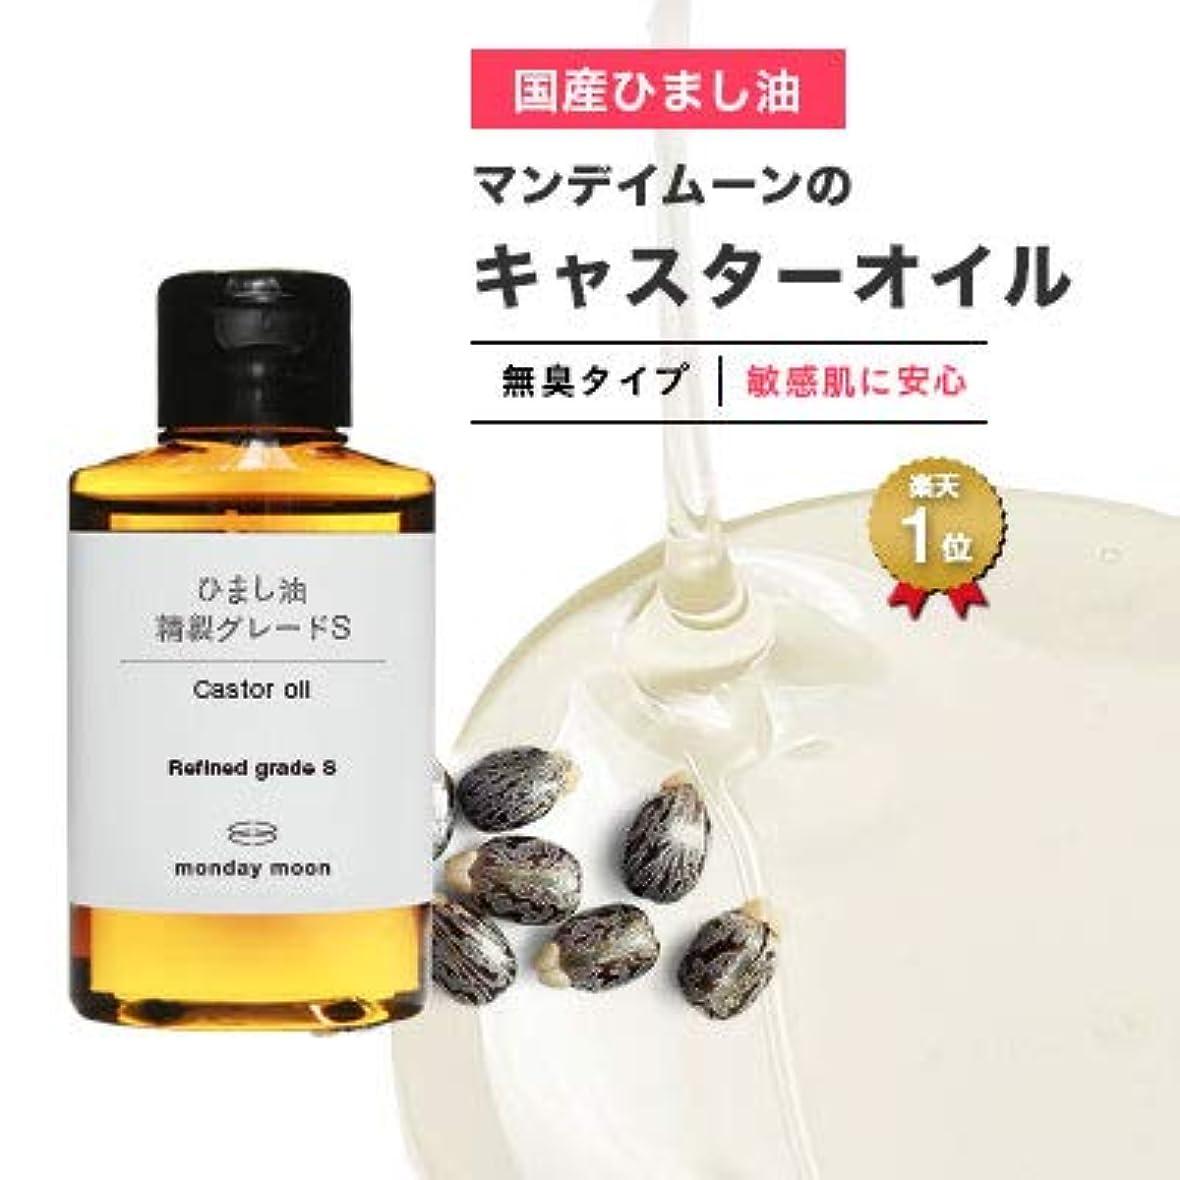 サーバ発音避けられないキャスターオイル?精製グレードS(ひまし油)/50ml